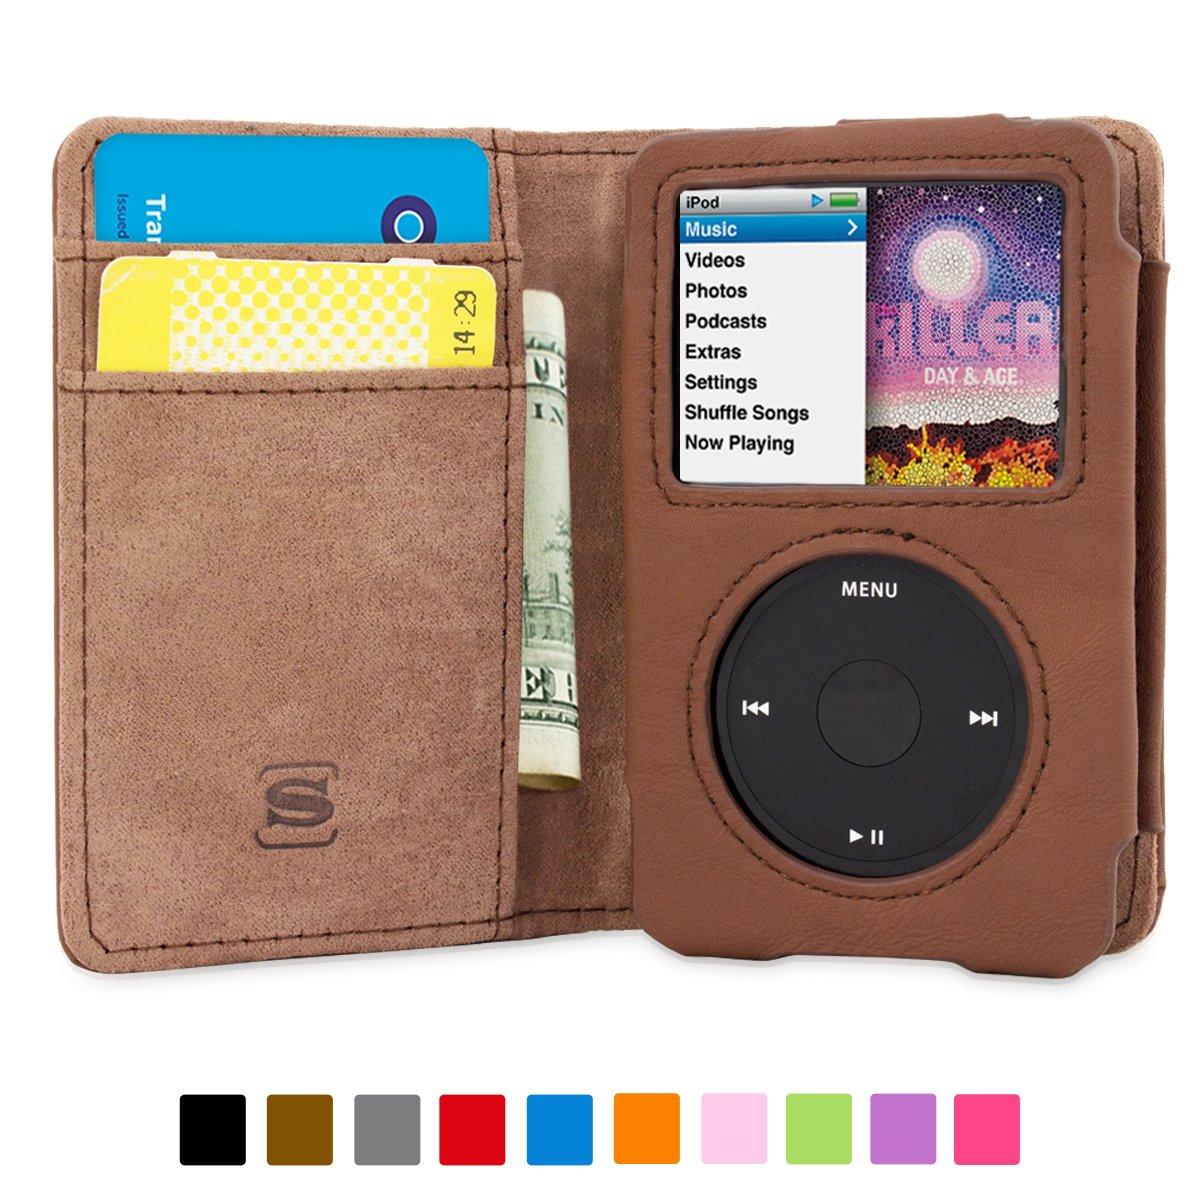 Snugg Coque iPod Classic, Apple iPod Classic Etui à Rabat [Emplacements pour Cartes] Cuir Portefeuille Housse Désign Exécutif [Garantie à Vie] - Cuir Naturel, Legacy Range iPodFlip-brown